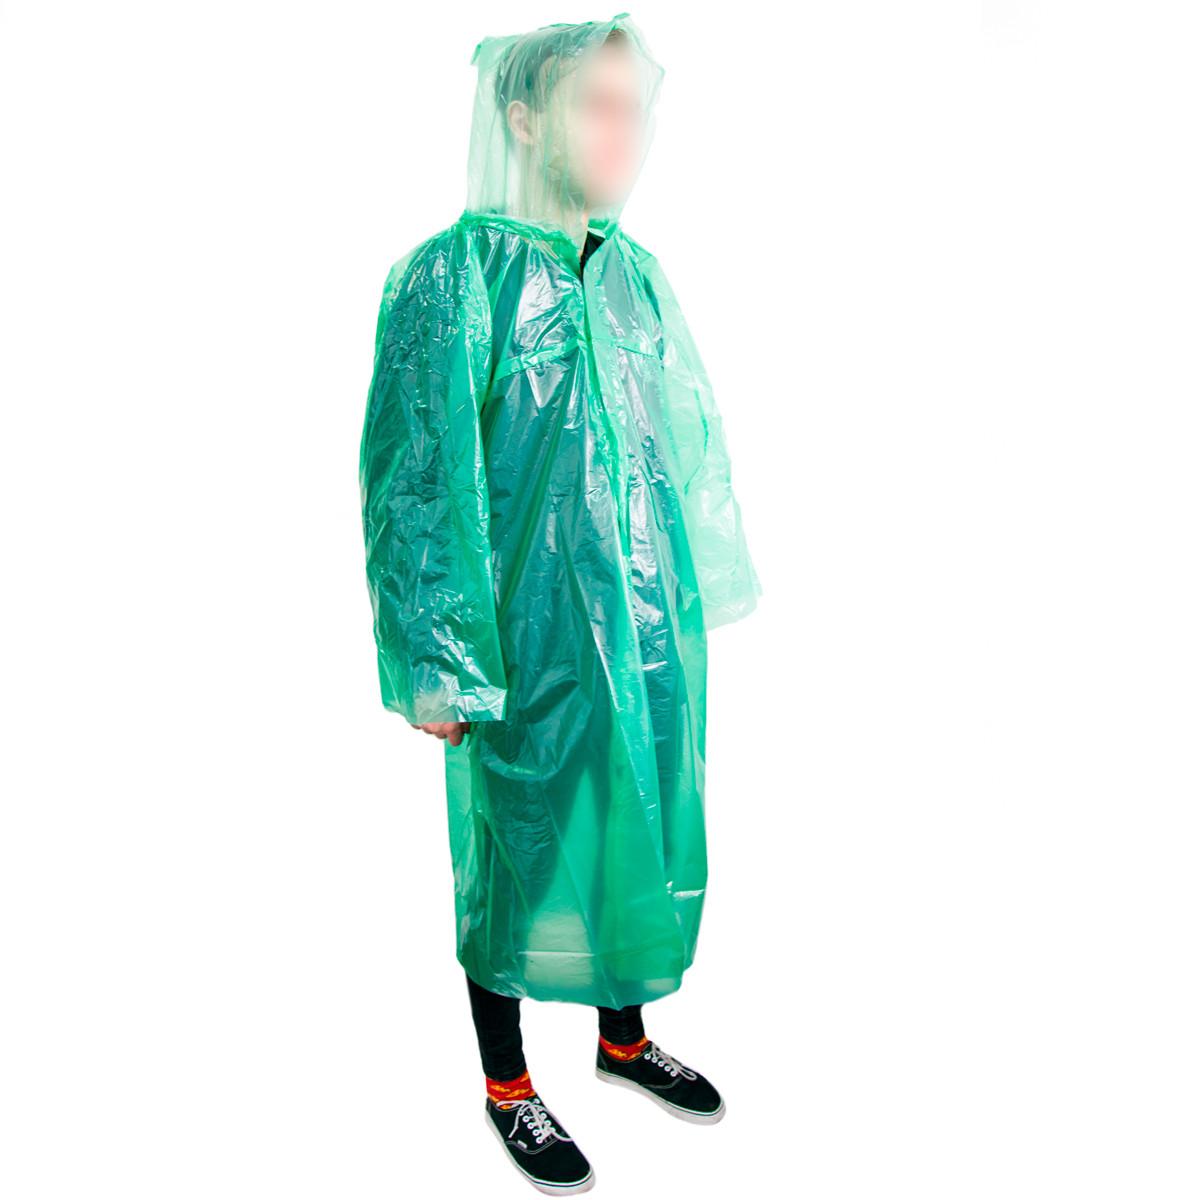 Дощовик рибацький Зелений на липучках, плащ дощовик чоловічий на рибалку, плащ від дощу туристичний (дождевик)